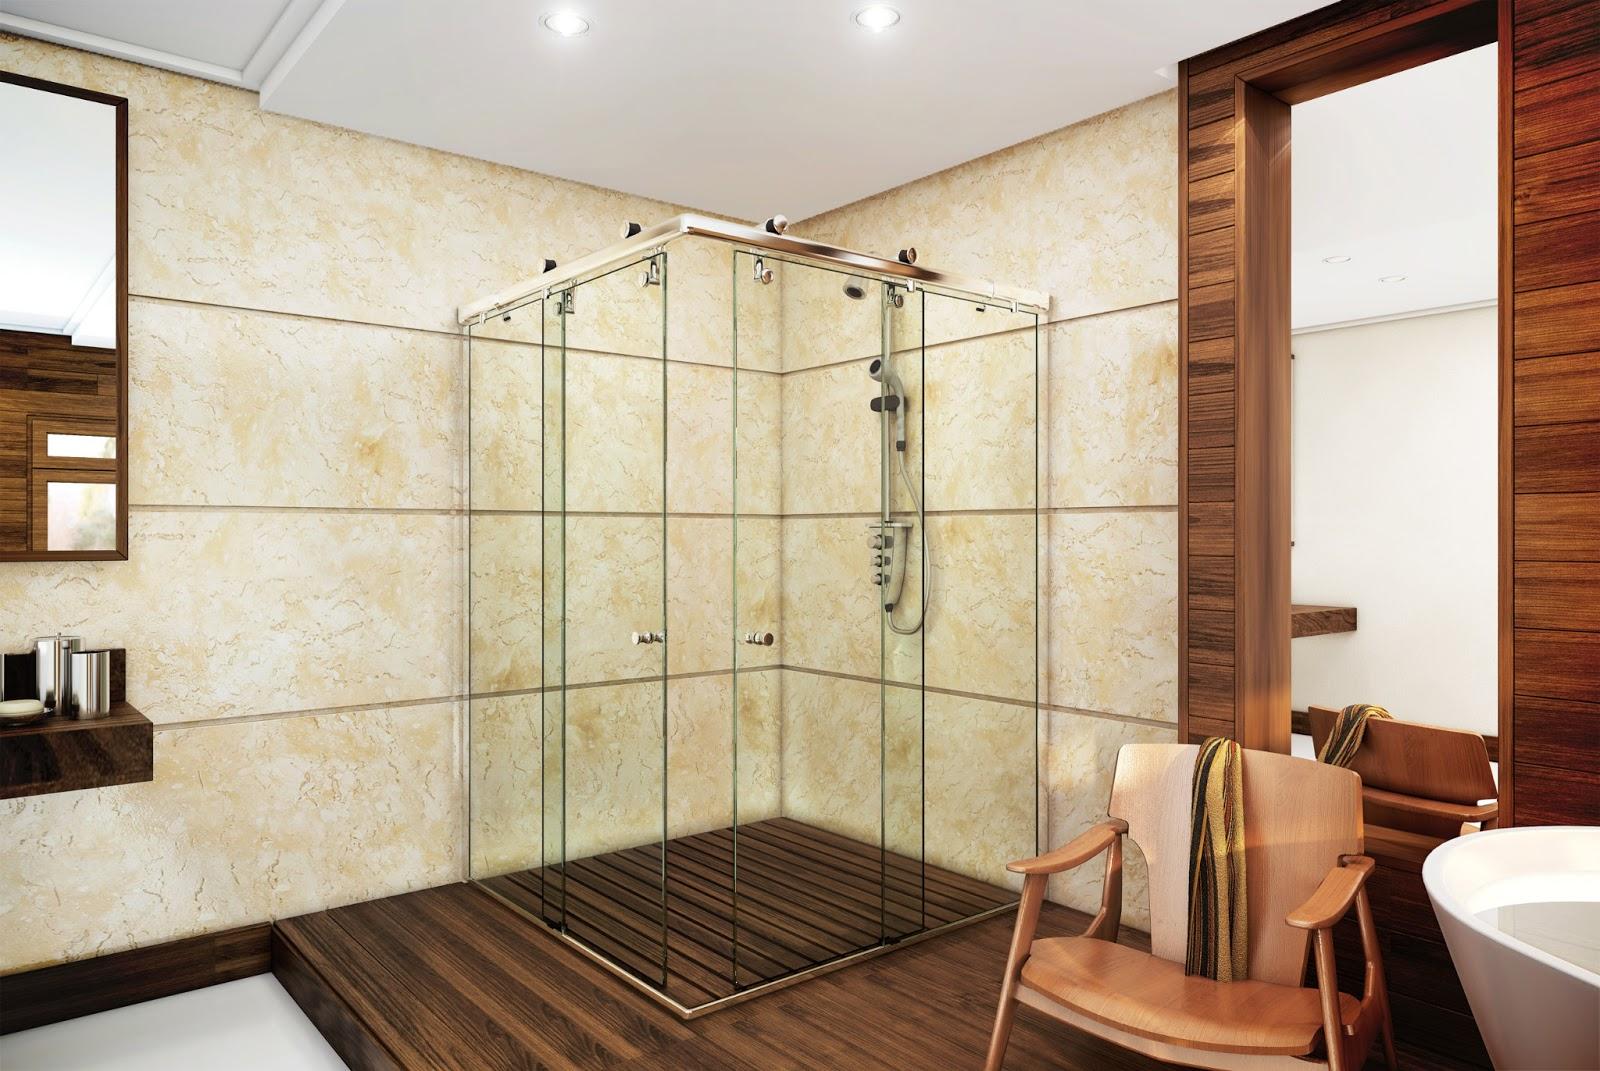 Imagens de #724128 Vitrine Vidraçaria: BOX ELEGÂNCE IDEA GLASS ROLDANAS APARENTE 1600x1071 px 3030 Box Banheiro Criciuma